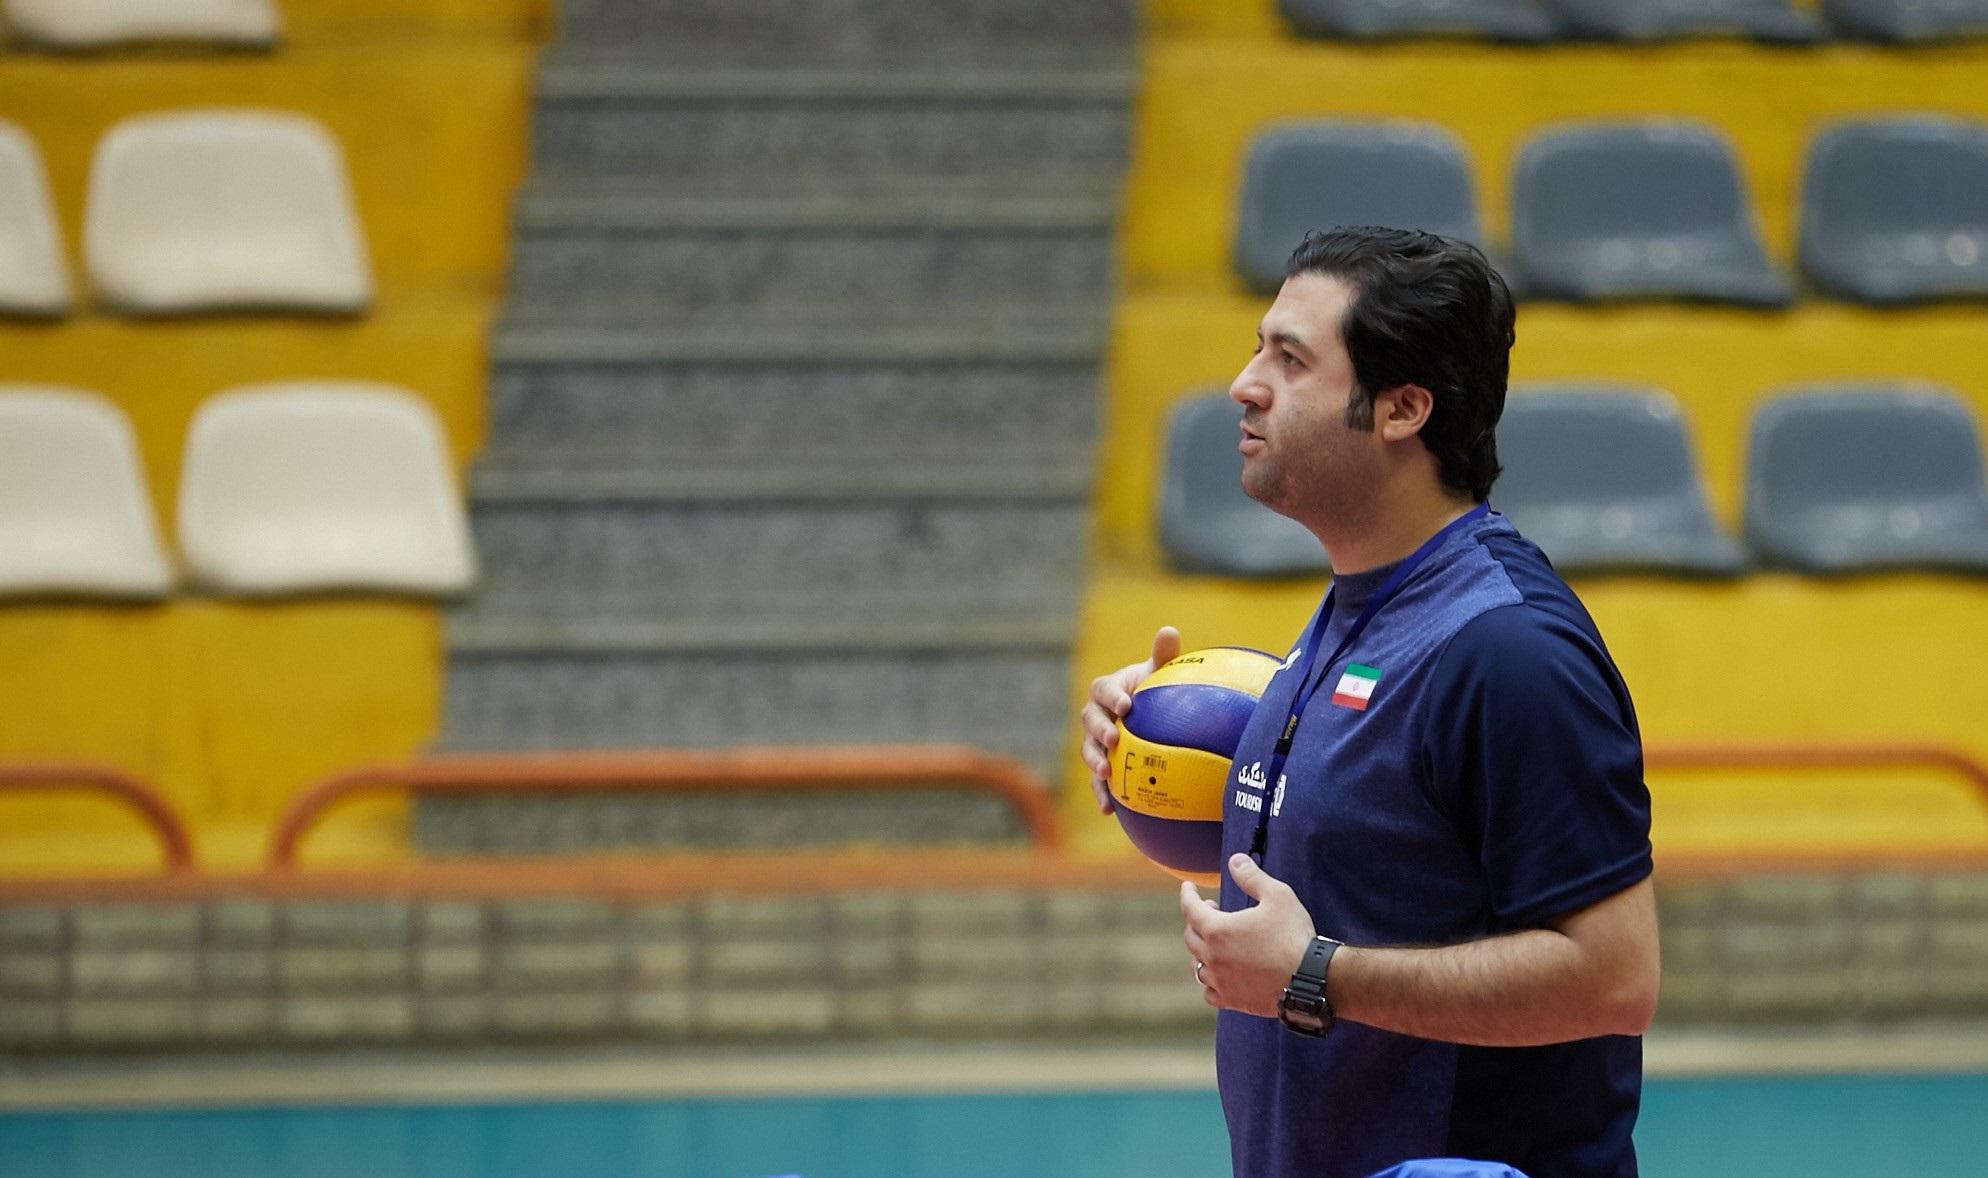 اظهارات کارشناسان درباره مربیان ایرانی در والیبال/ رضایی: ایرانیها با دانش و شهامتند/ طلوع کیان:امیدوارم روزی شاهد حضور ایرانی ها در تیم بزرگسالان باشیم